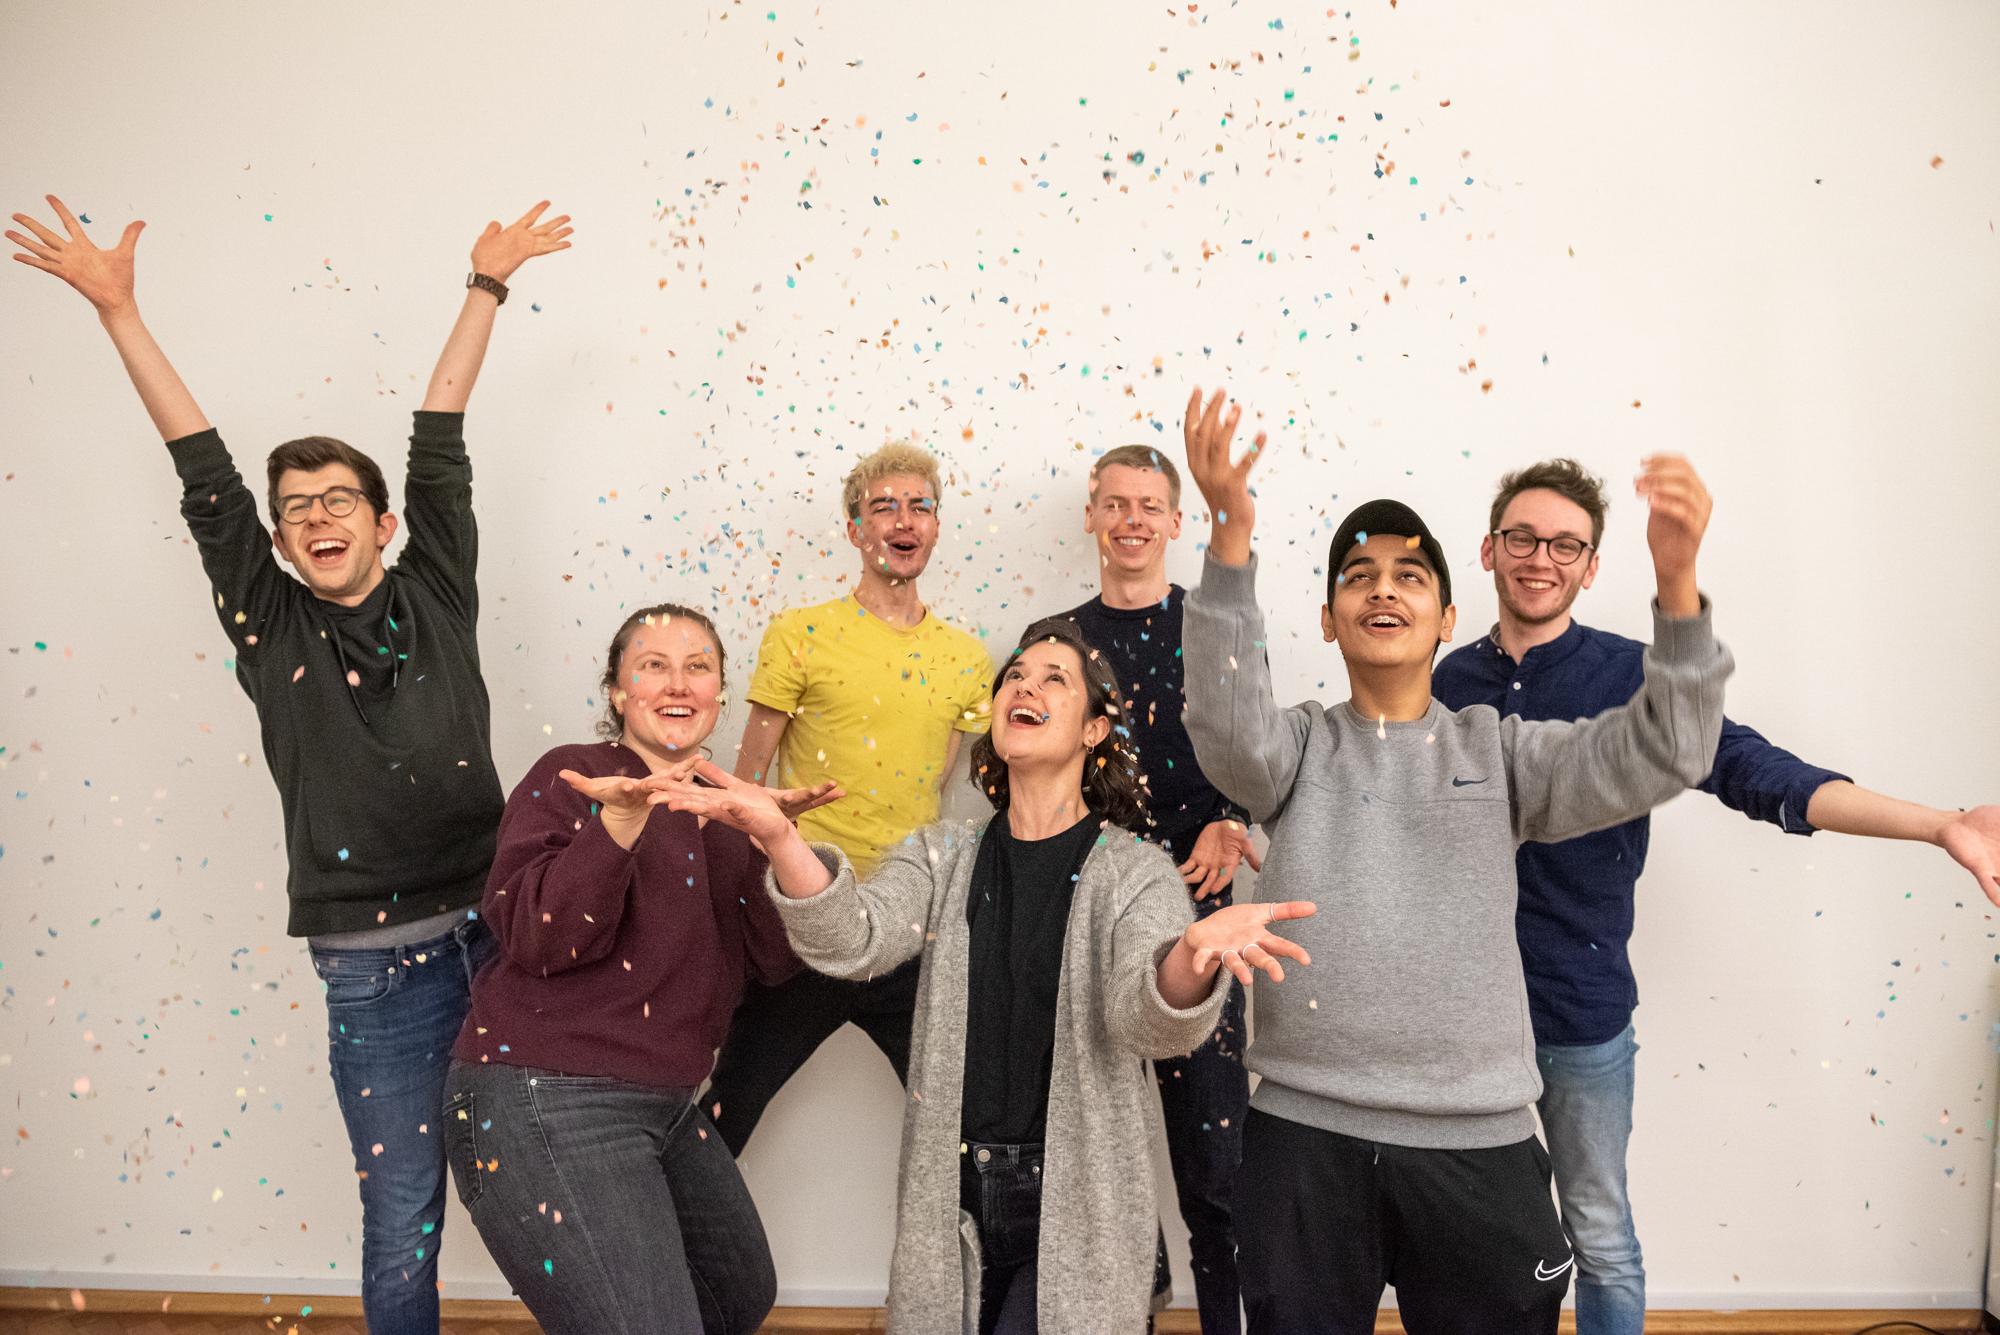 Das Bild zeigt 7 Menschen, die Konfetti in die Luft werfen und sich freuen. © Servicestelle Jugendbeteiligung e. V., 2020